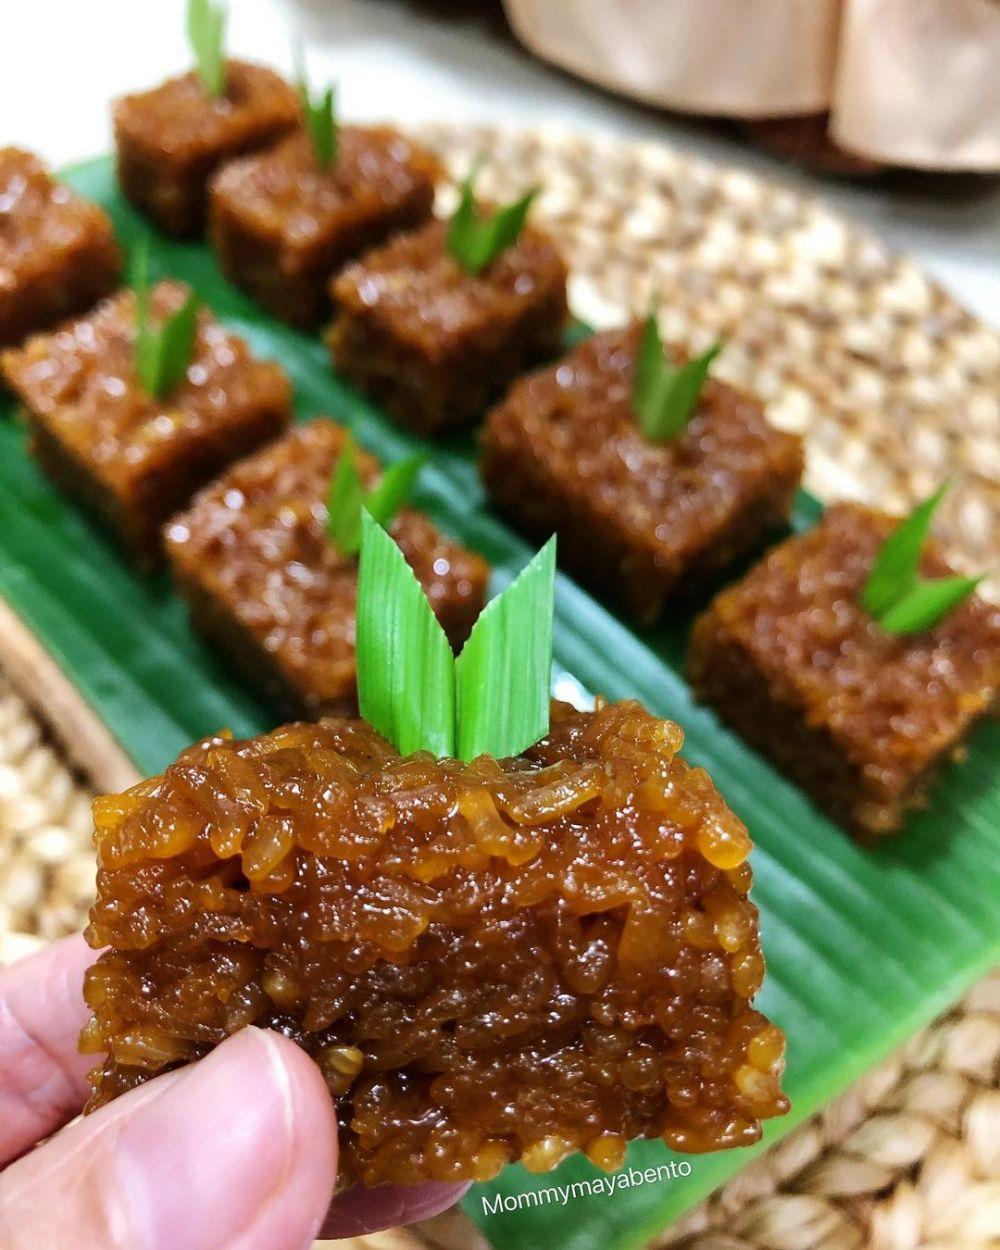 10 Kue Tradisional di Indonesia yang Usianya Lebih Tua dari Kamu